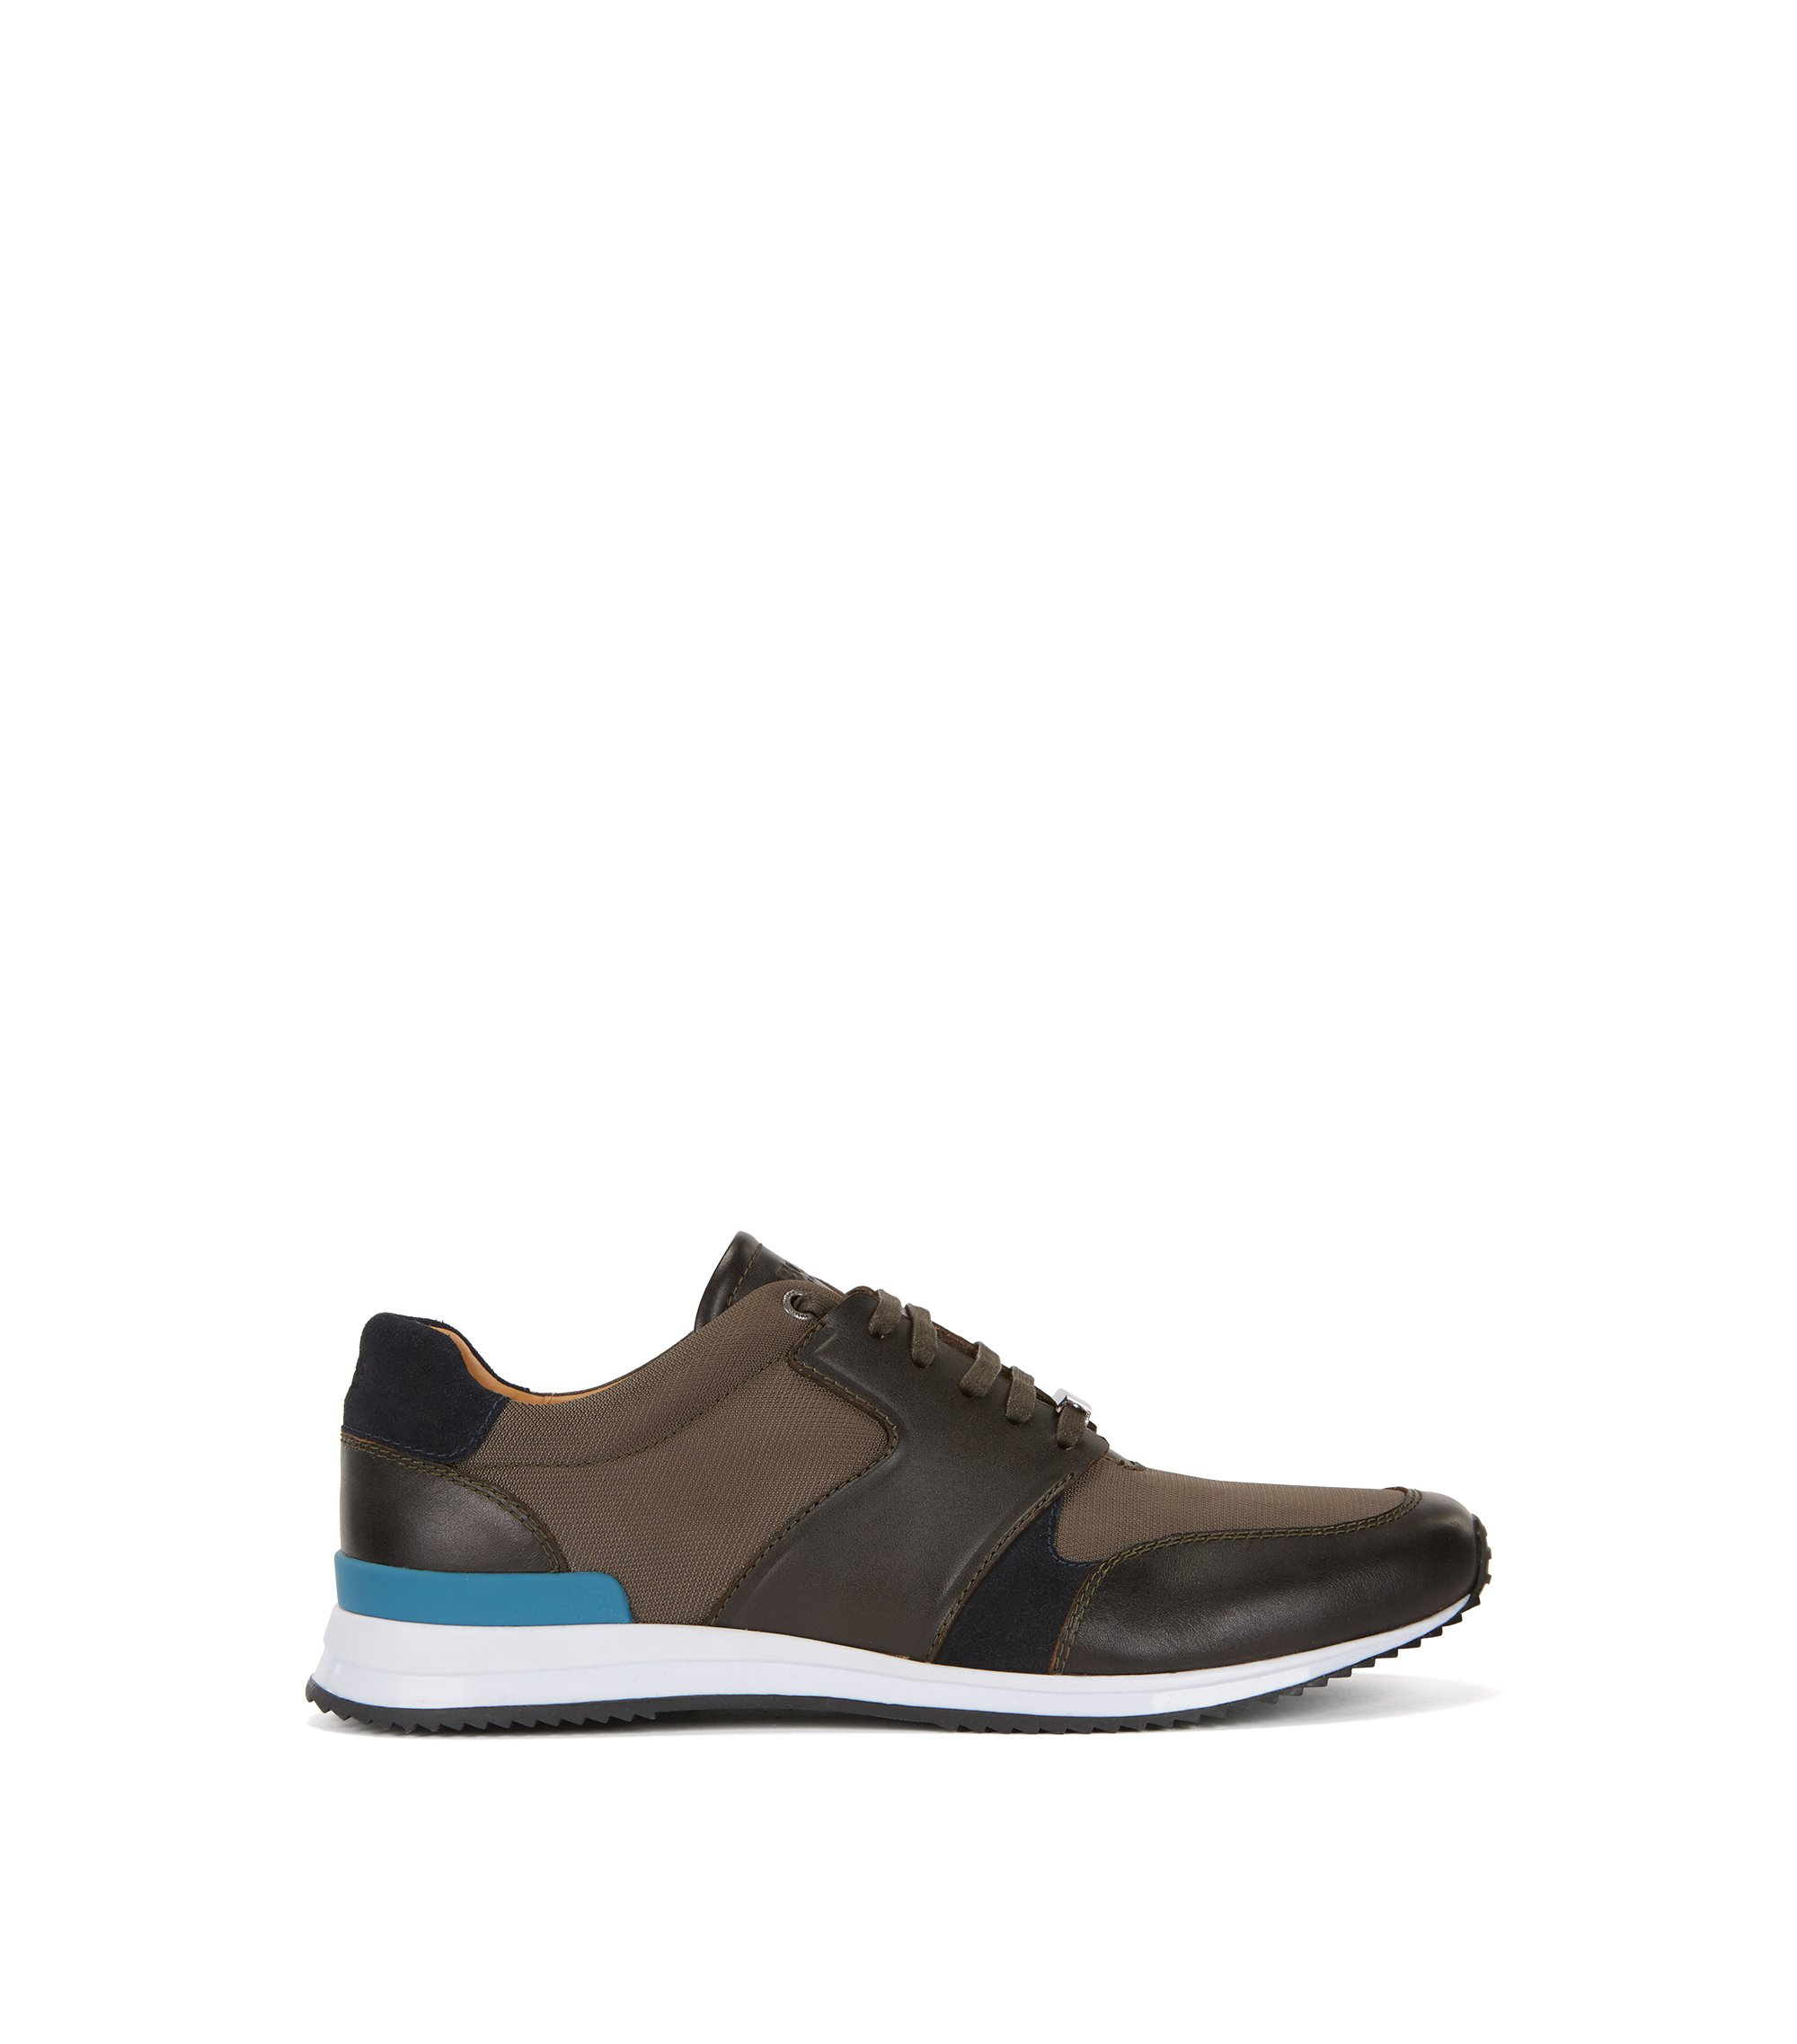 Sneakers im Laufschuh-Stil aus Material-Mix und Leder, Hellgrün